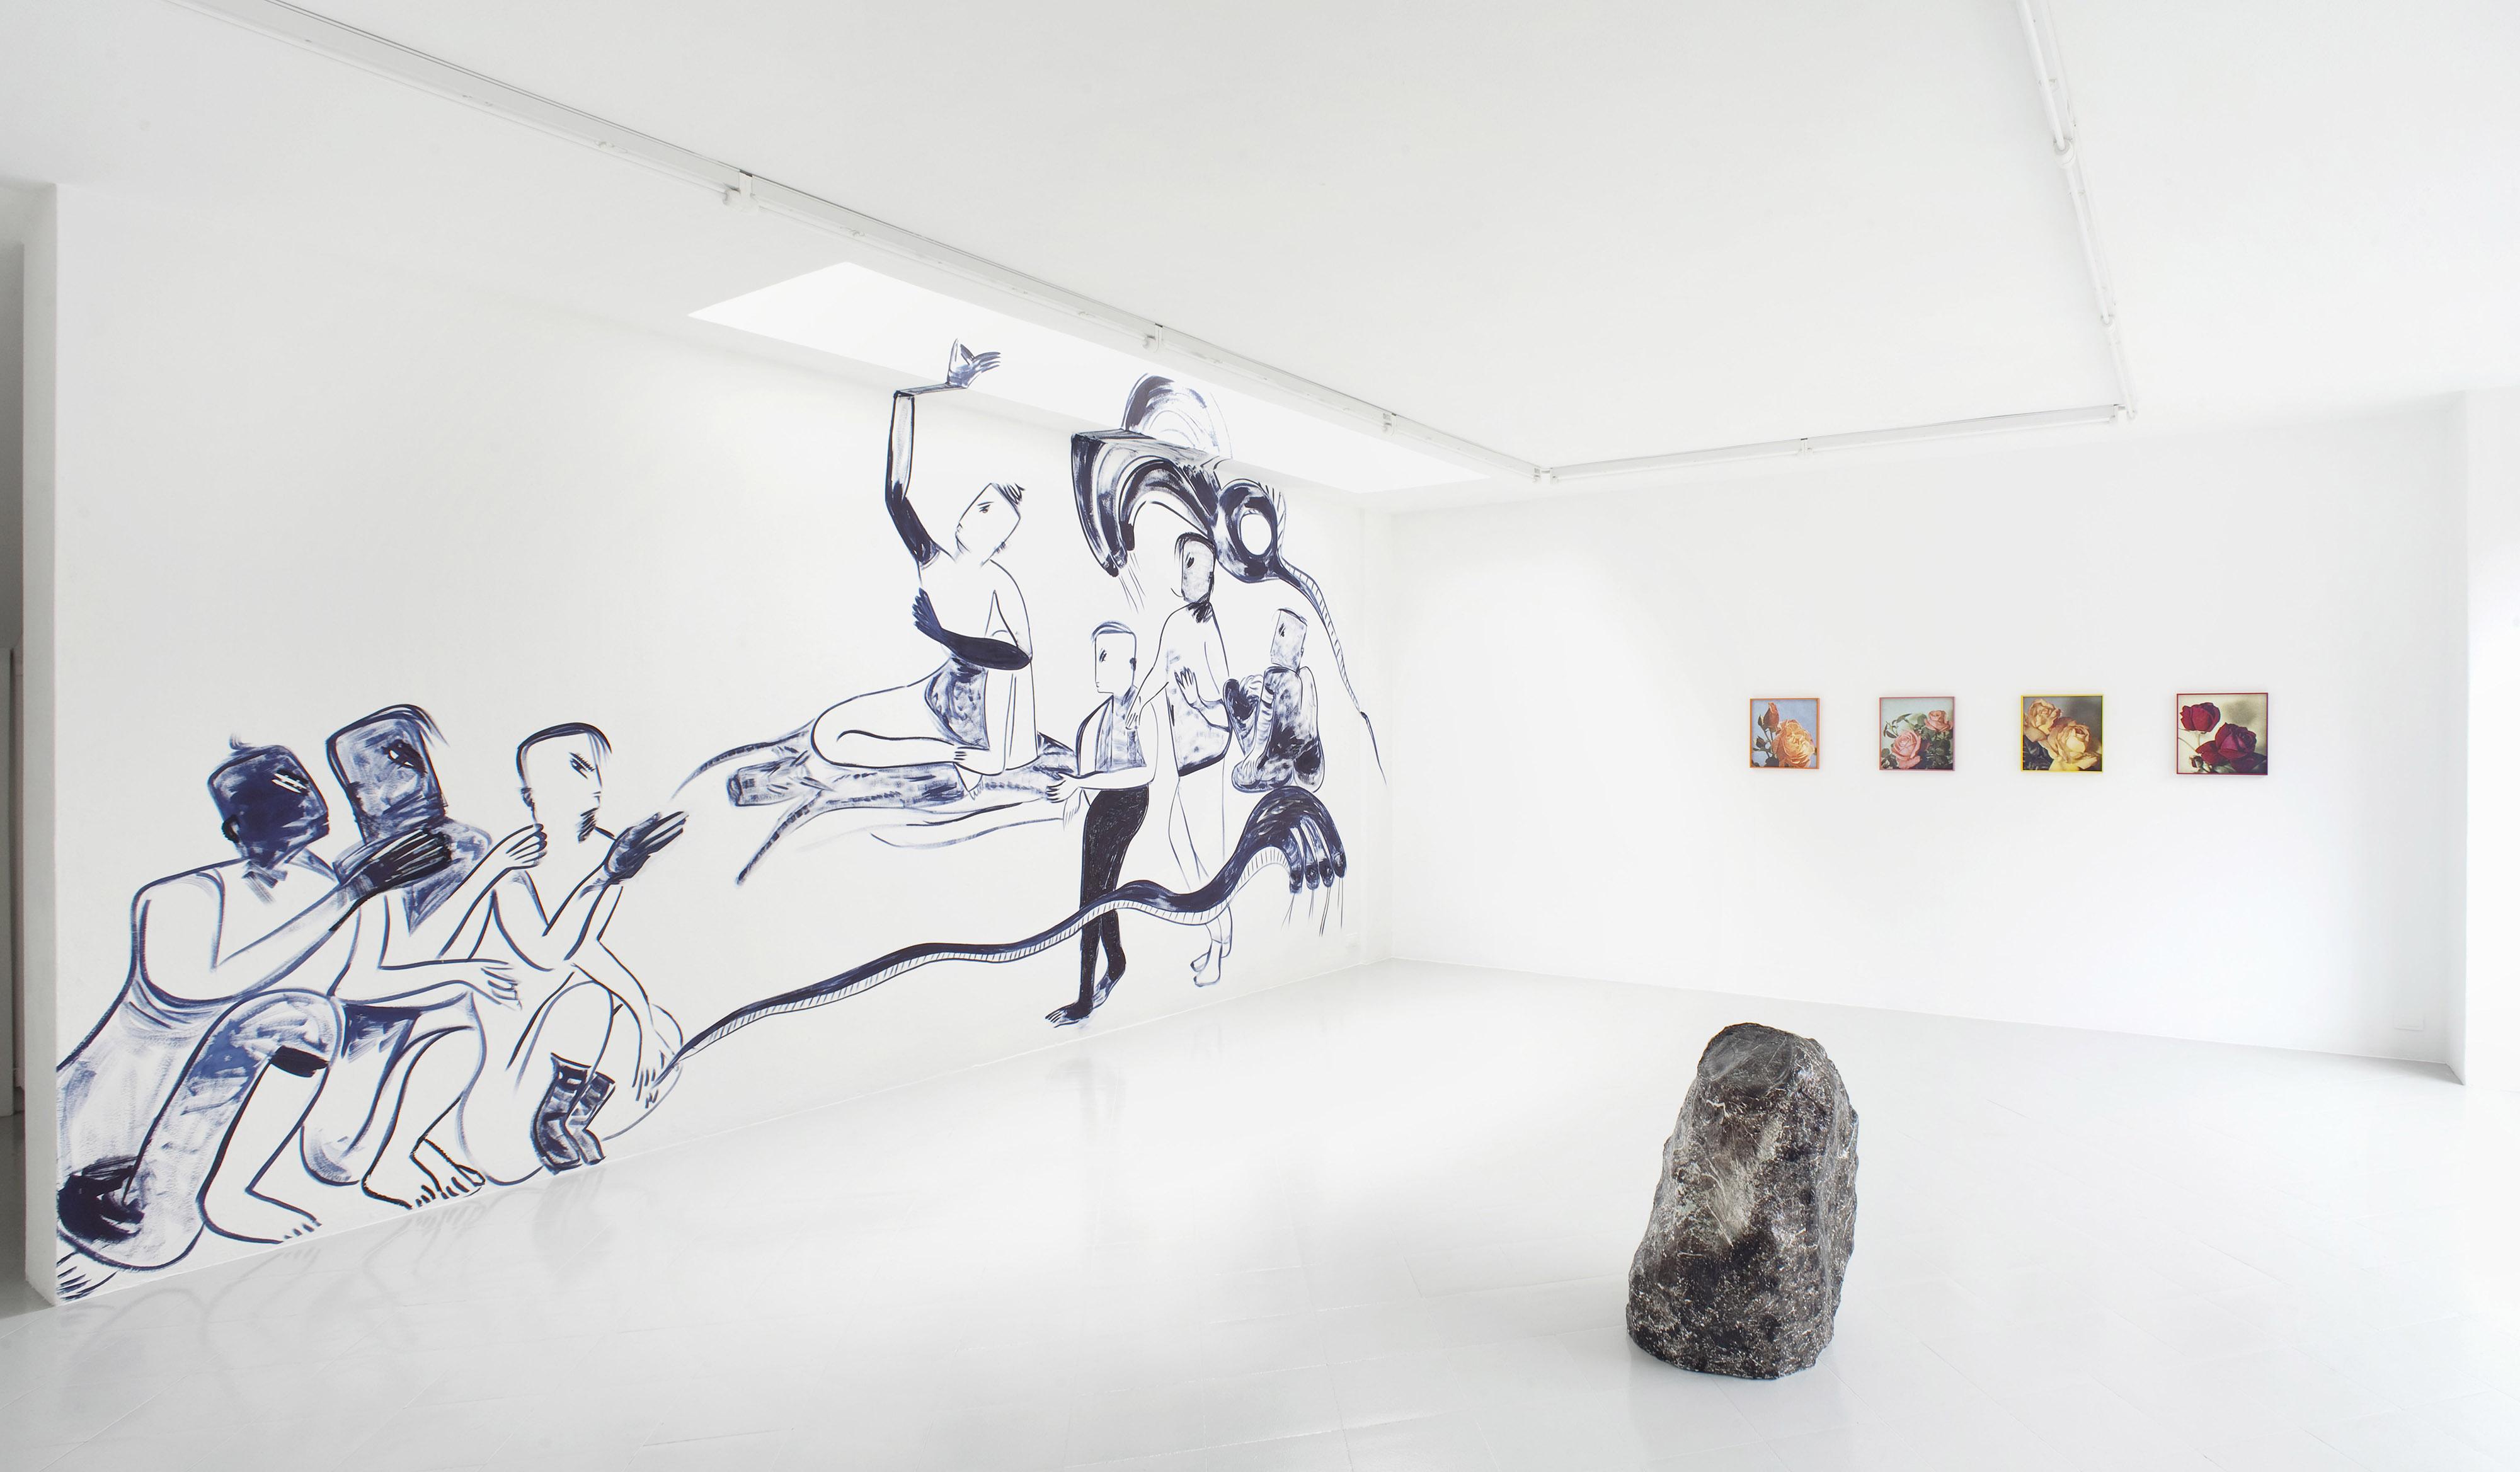 1 - Melike Kara Talisa Lallai Lindsay Lawson Installation View 2016 - Courtesy Studiolo Milan